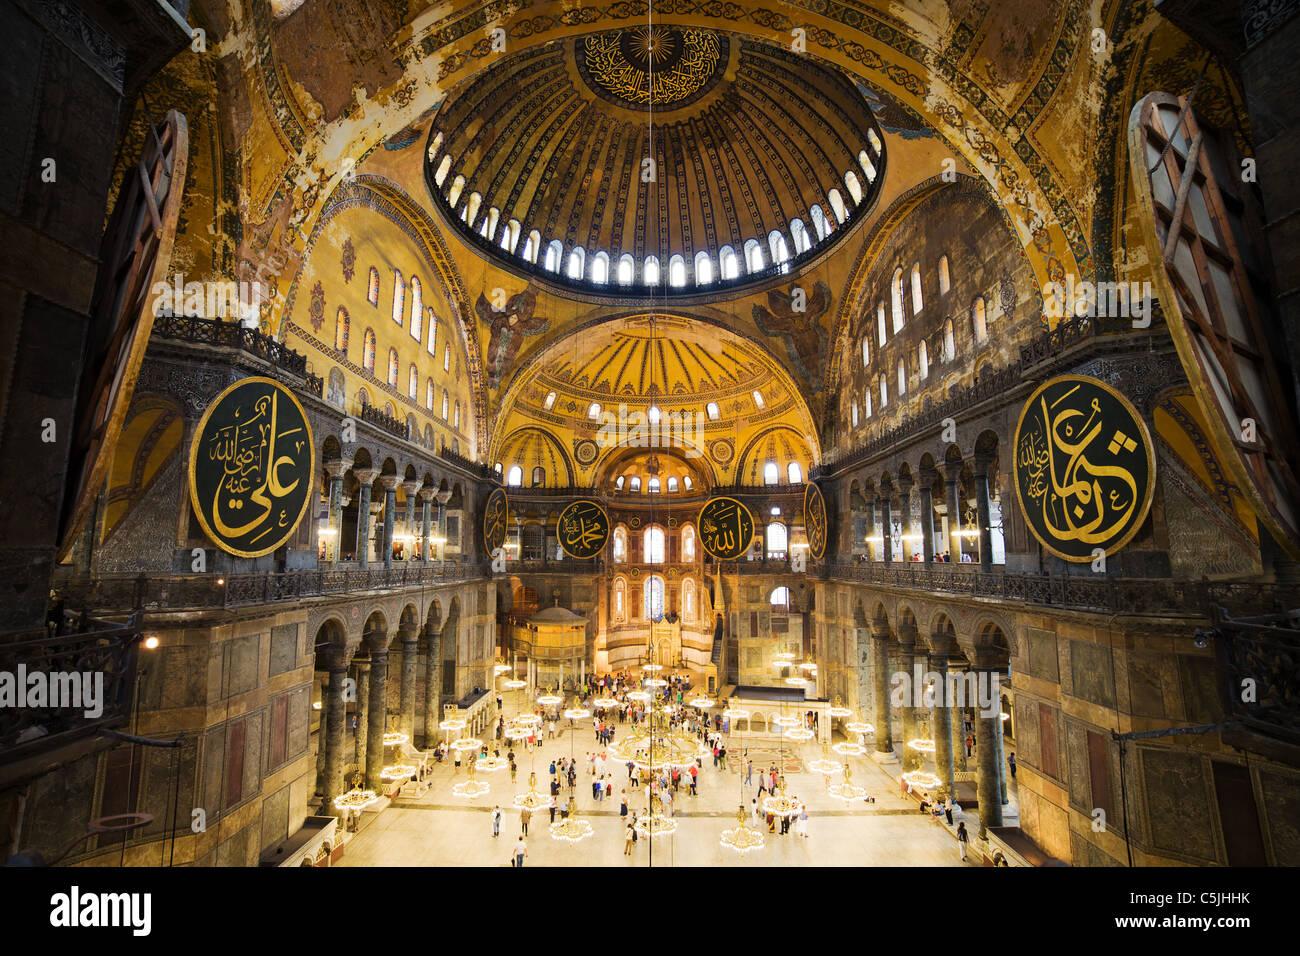 The Hagia Sophia Interior Architecture Famous Byzantine